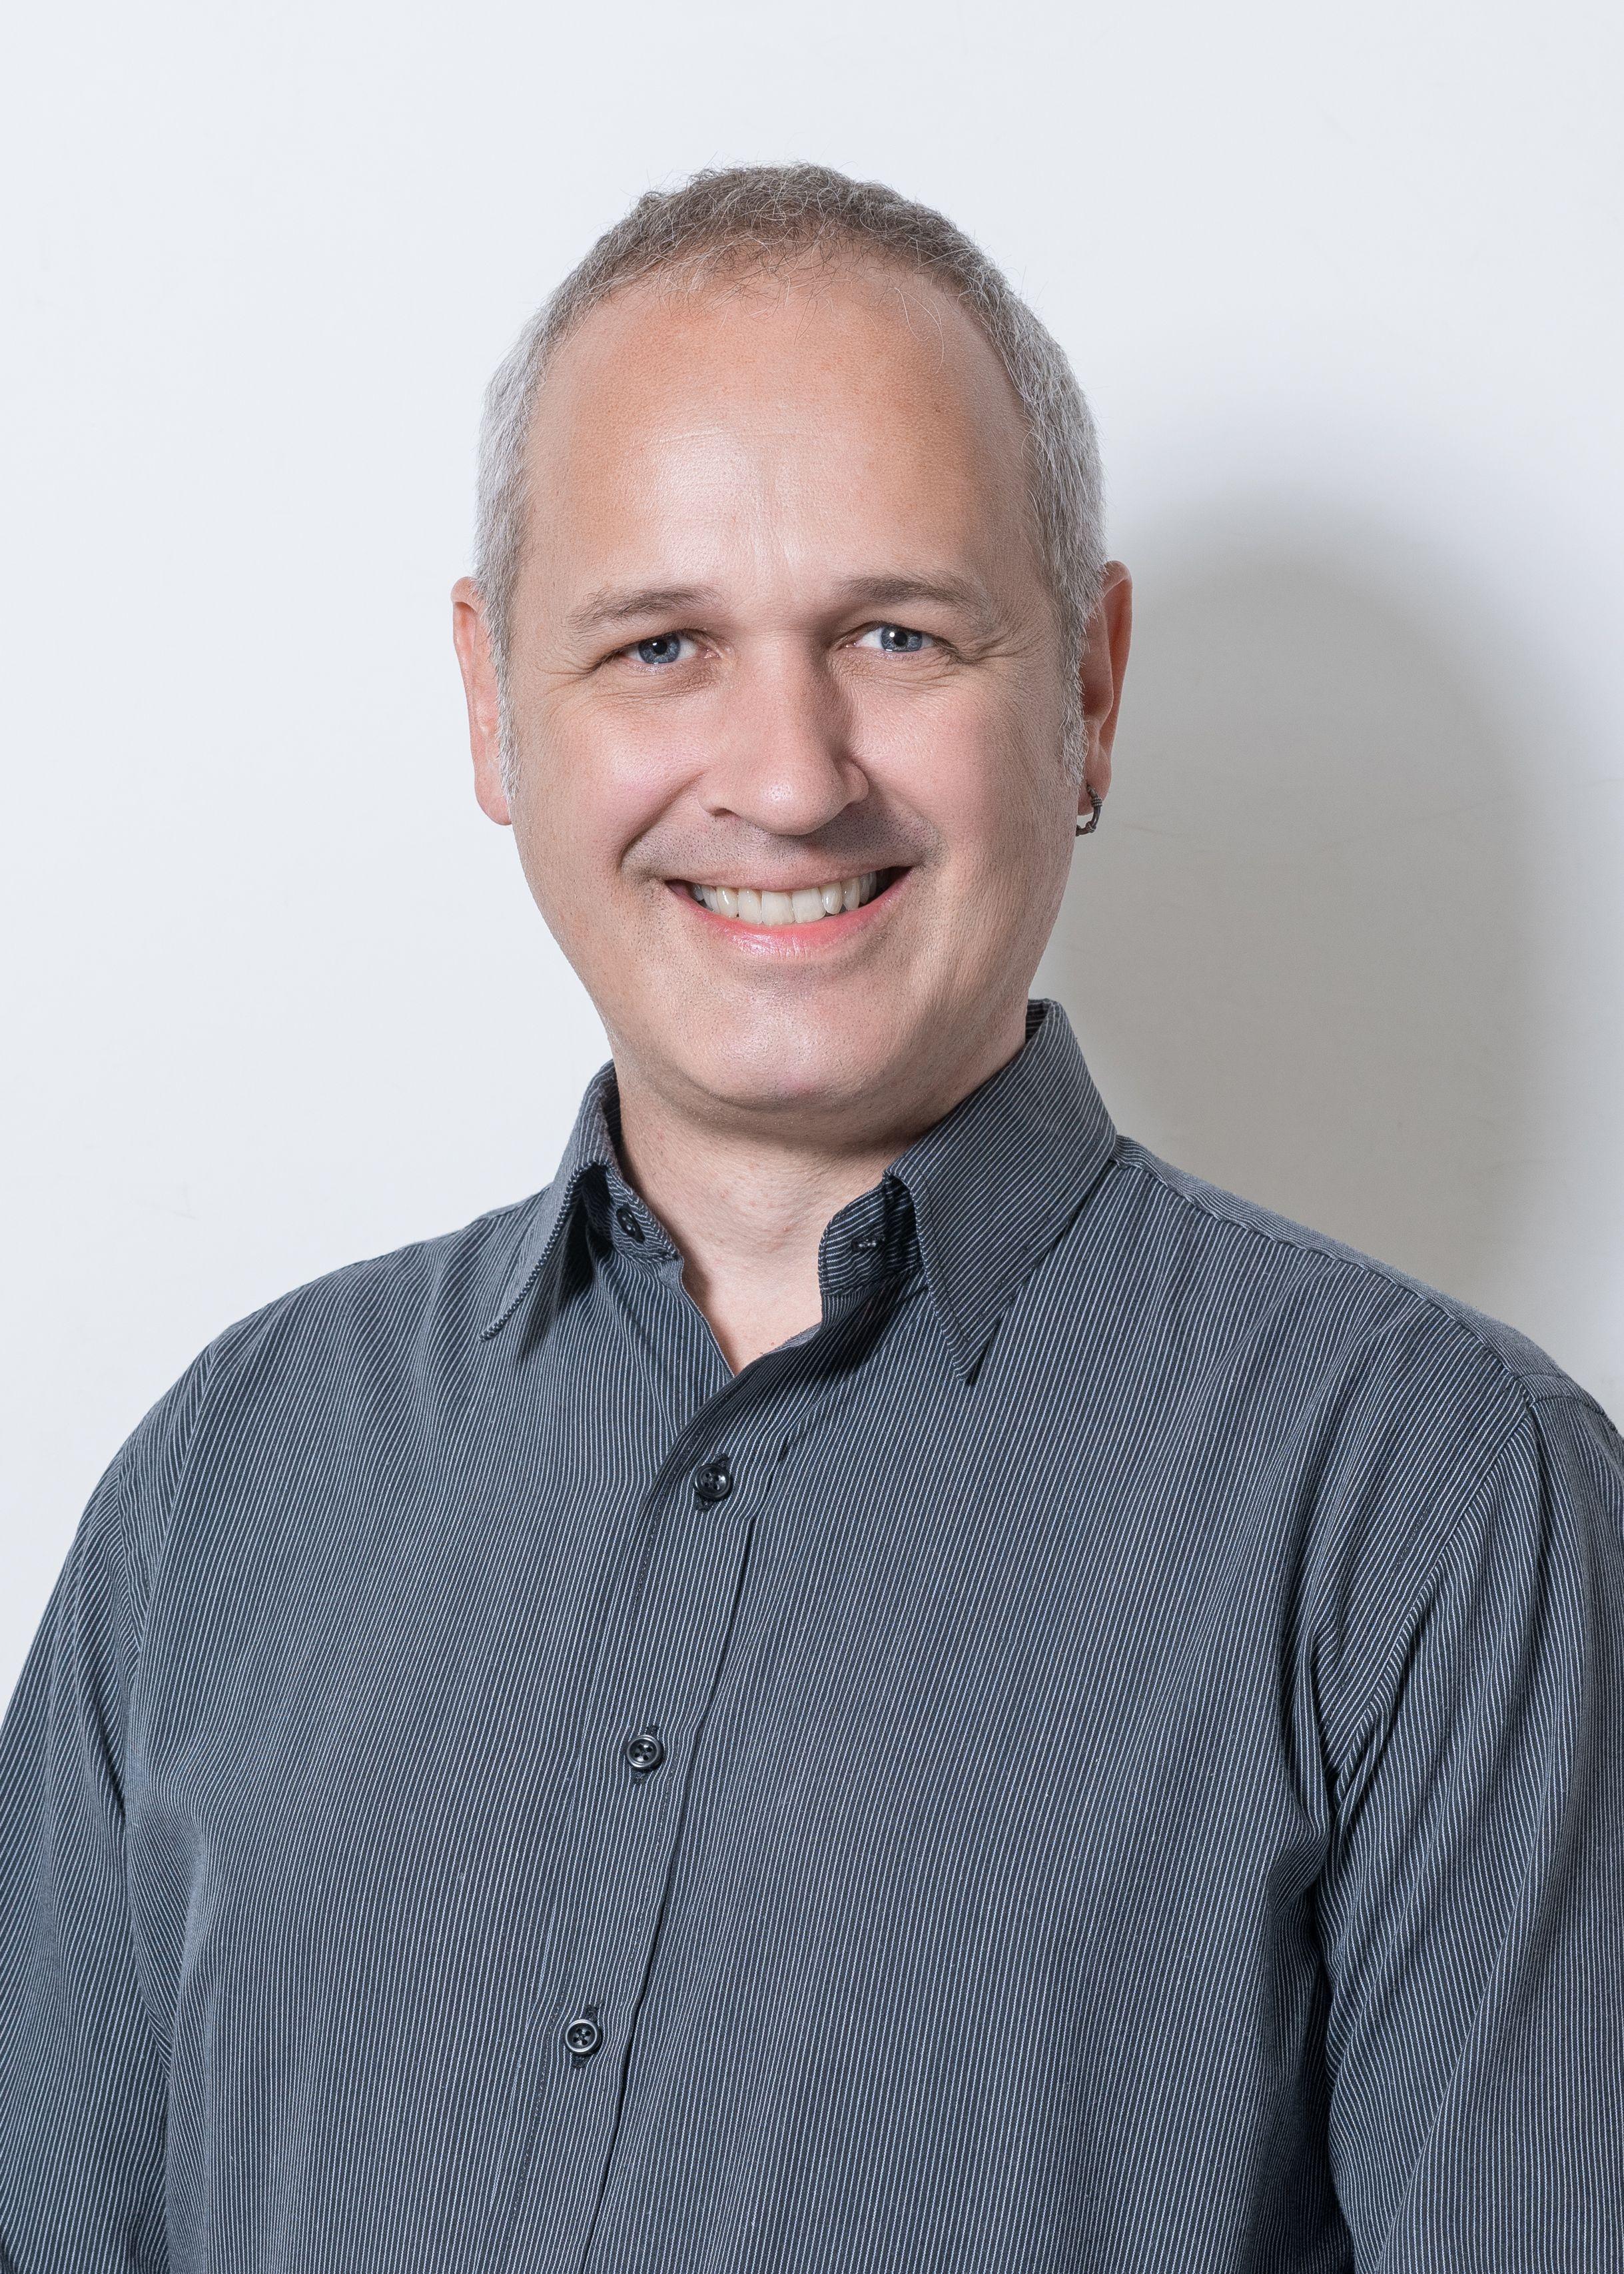 Martin Liechti